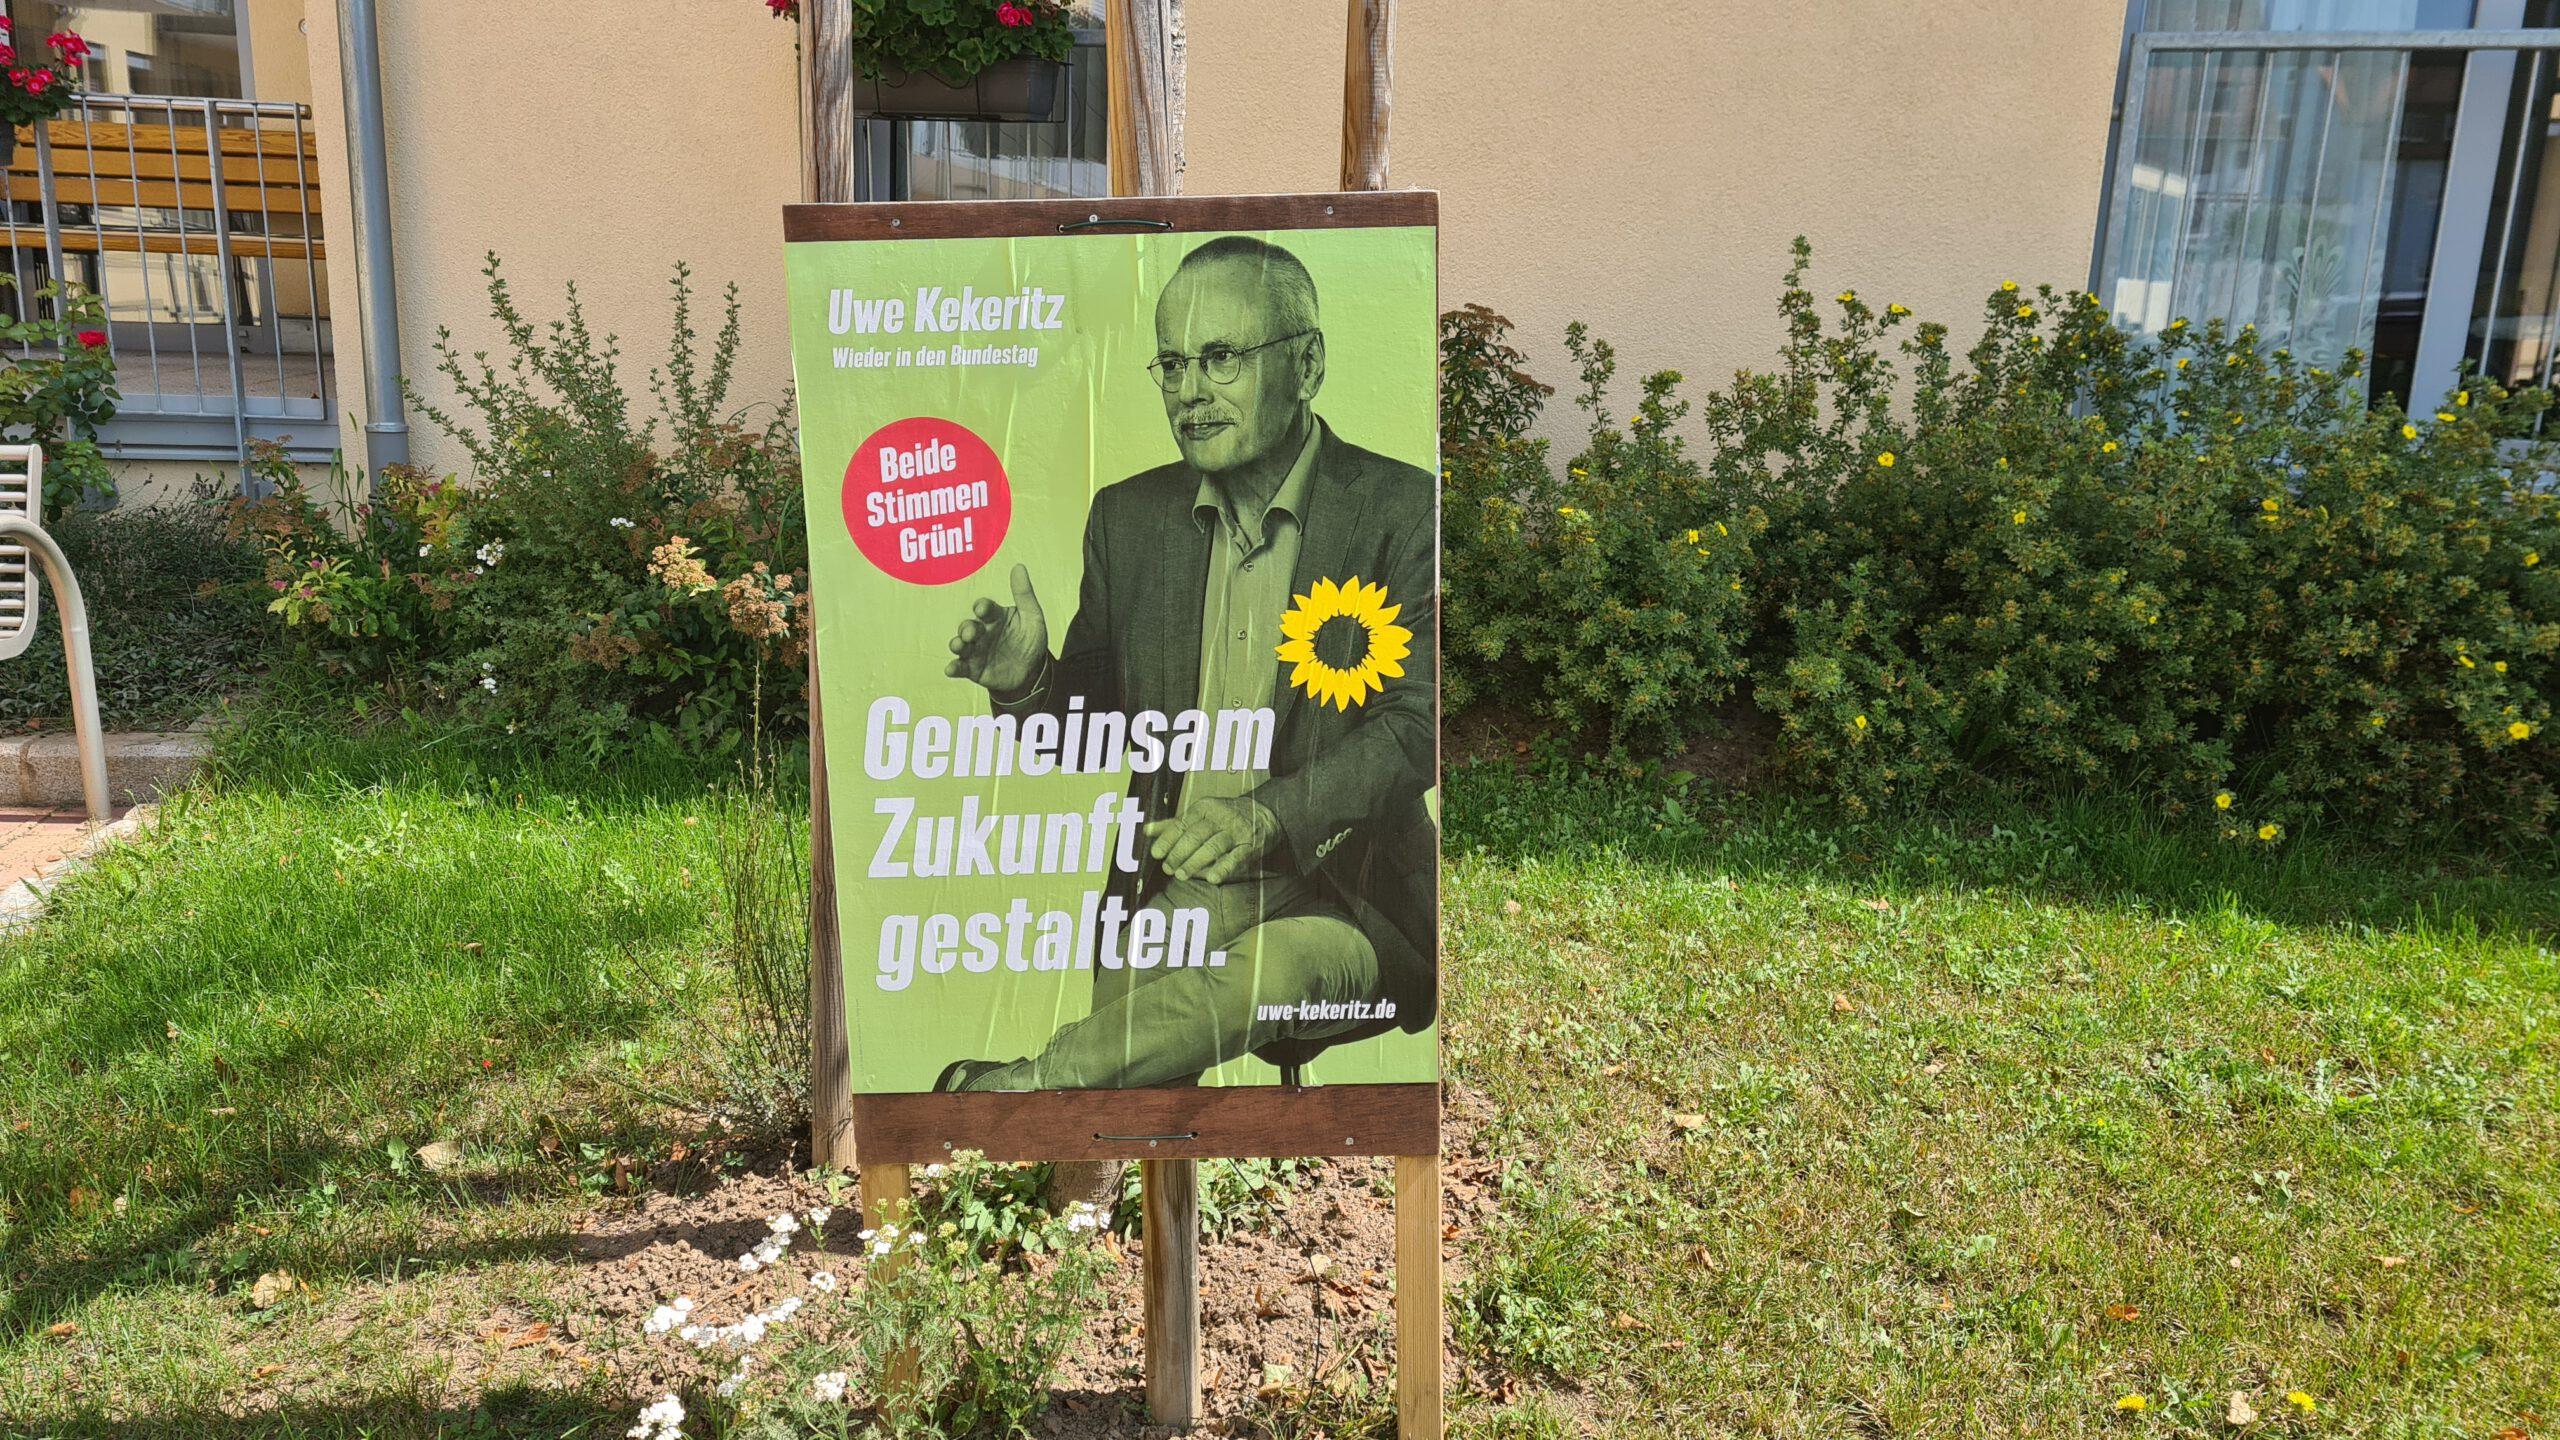 Feiger Angriff auf die Demokratie: Wahlplakate mehrfach entwendet – Staatsschutz ermittelt